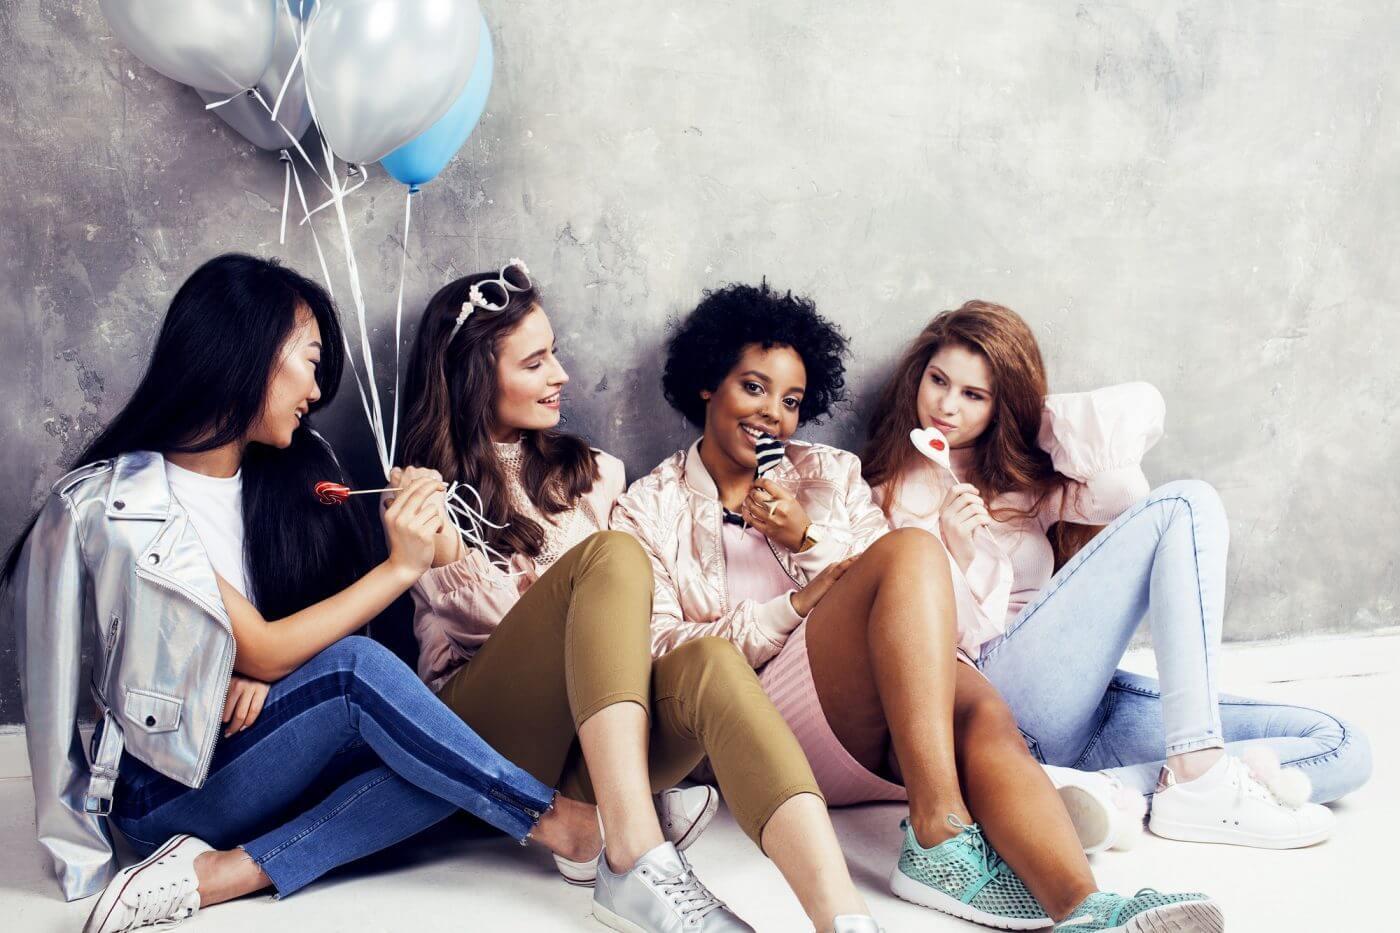 20代のパーティードレス